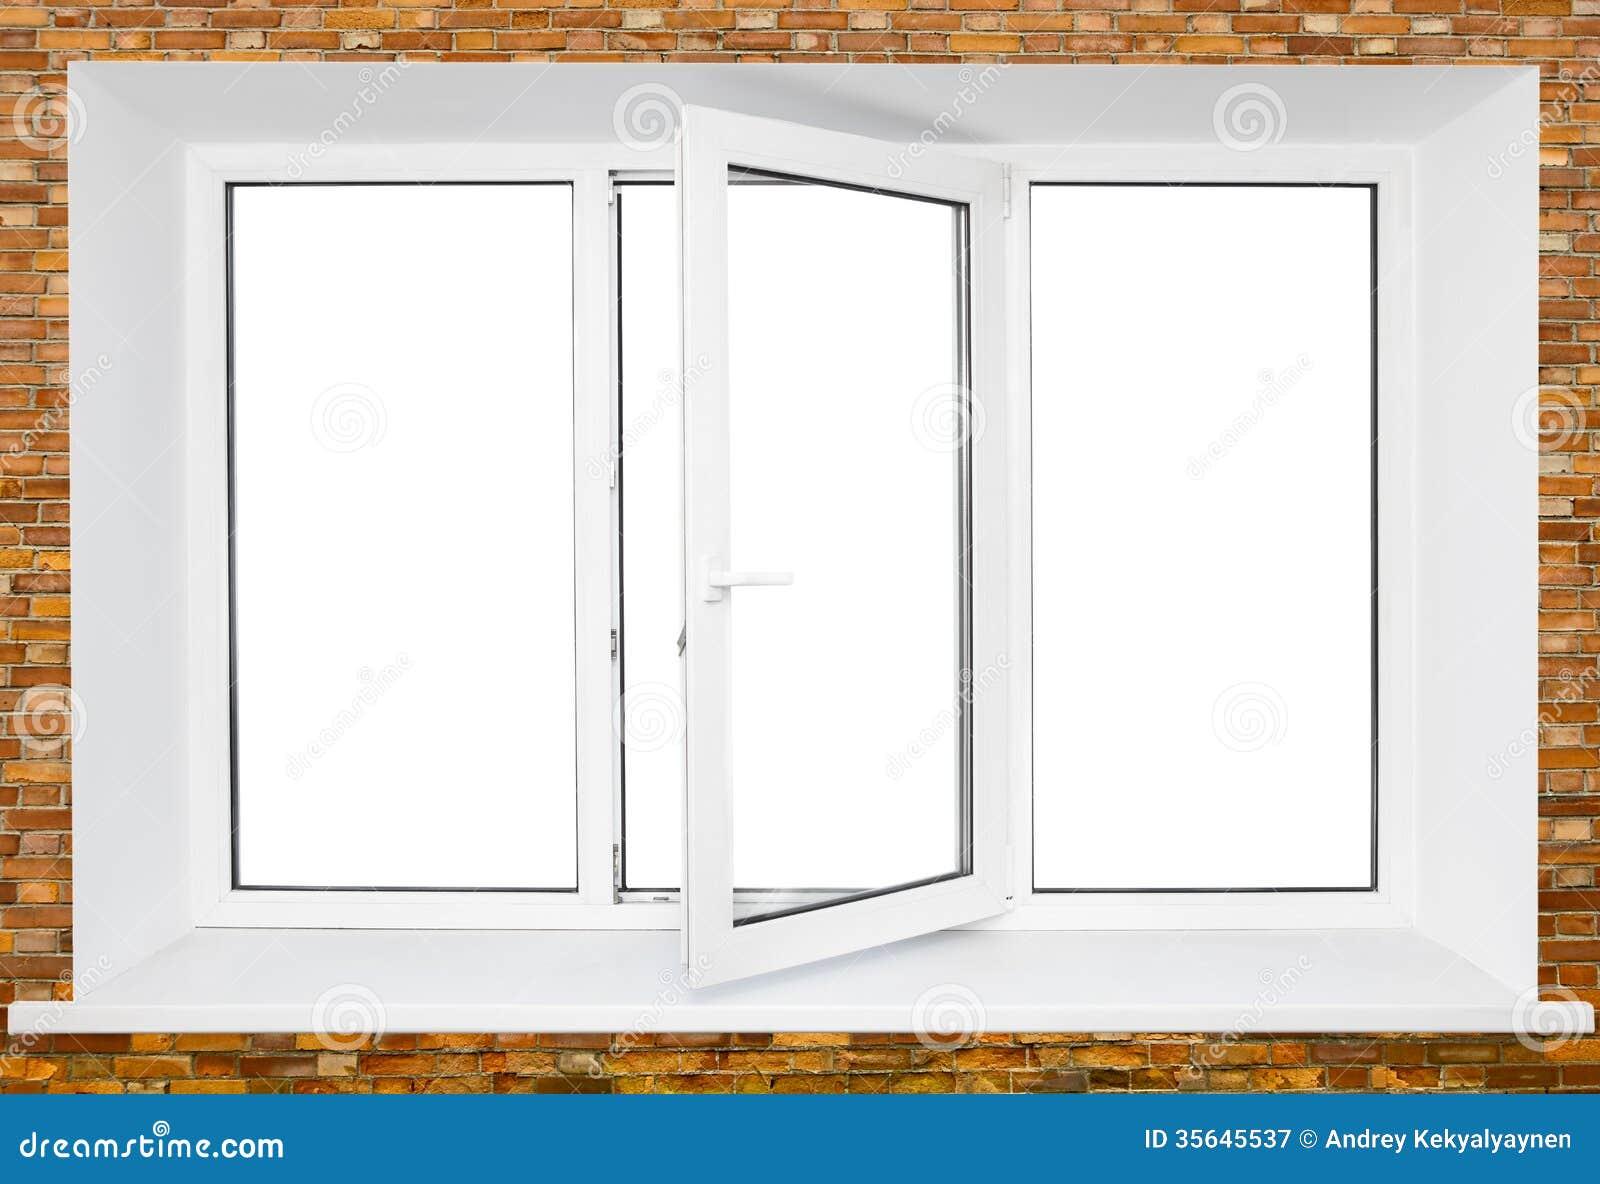 在砖墙上的白色塑料三倍门窗口